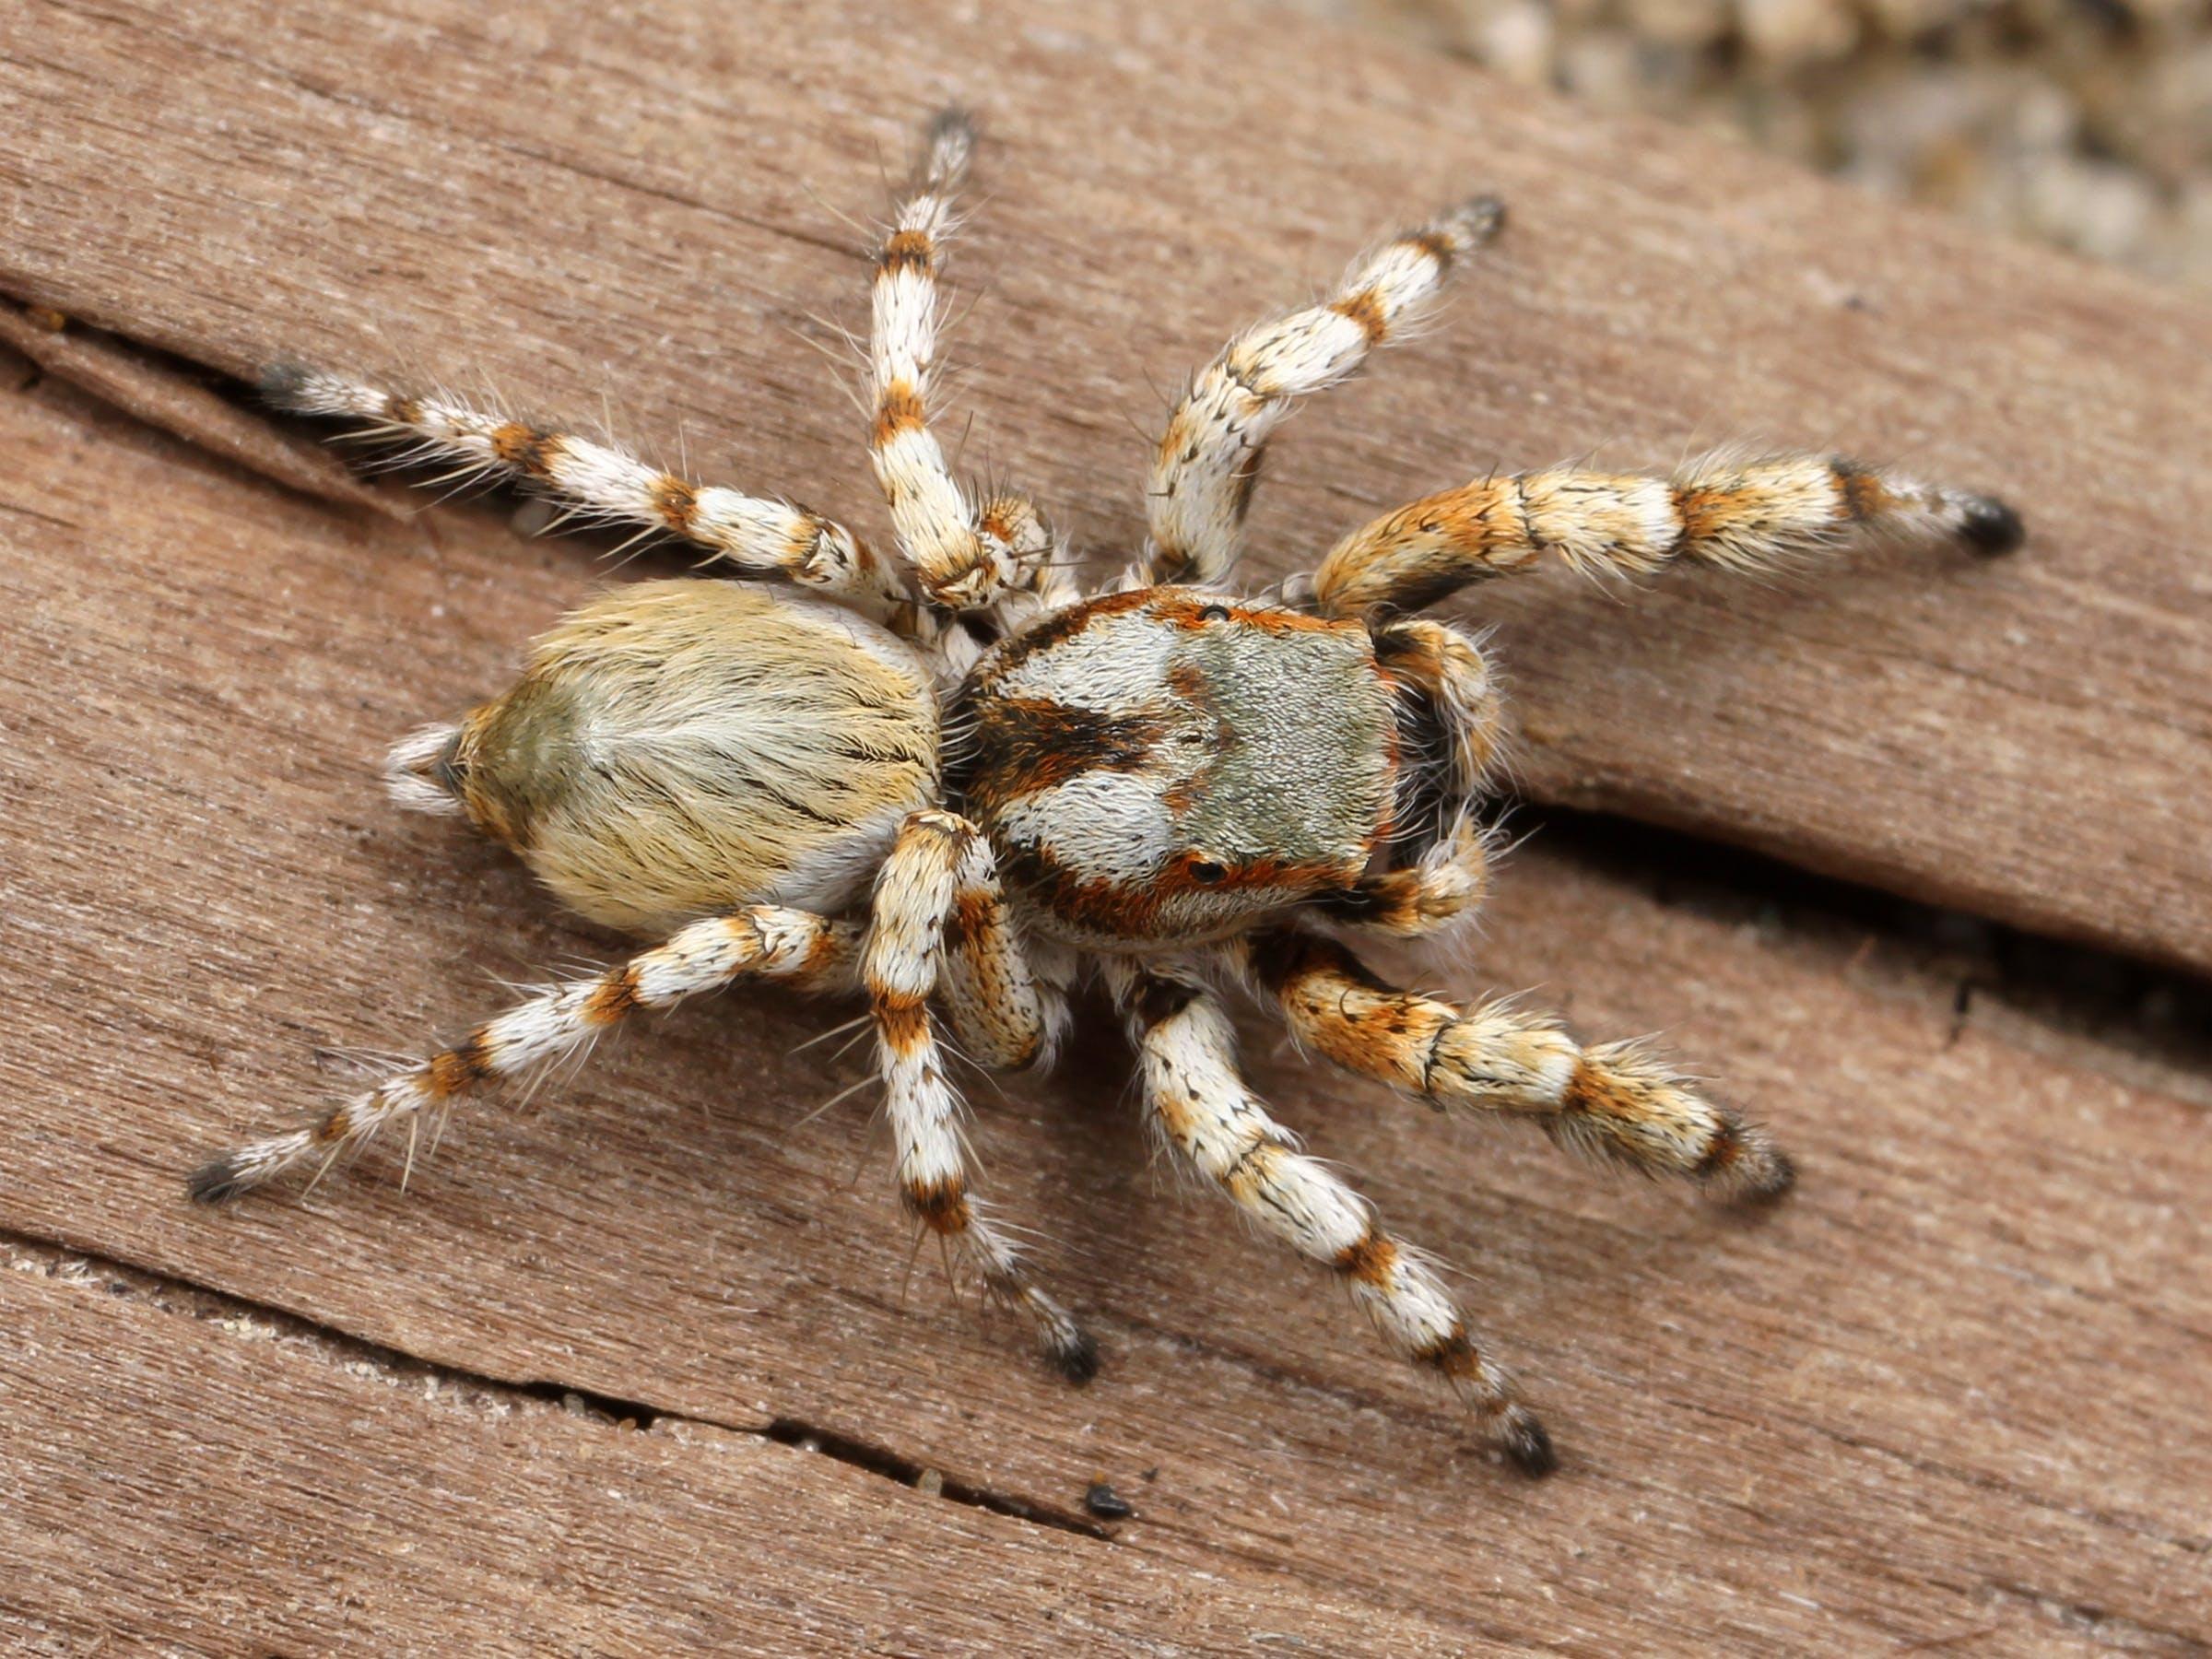 White and Brown Tarantula